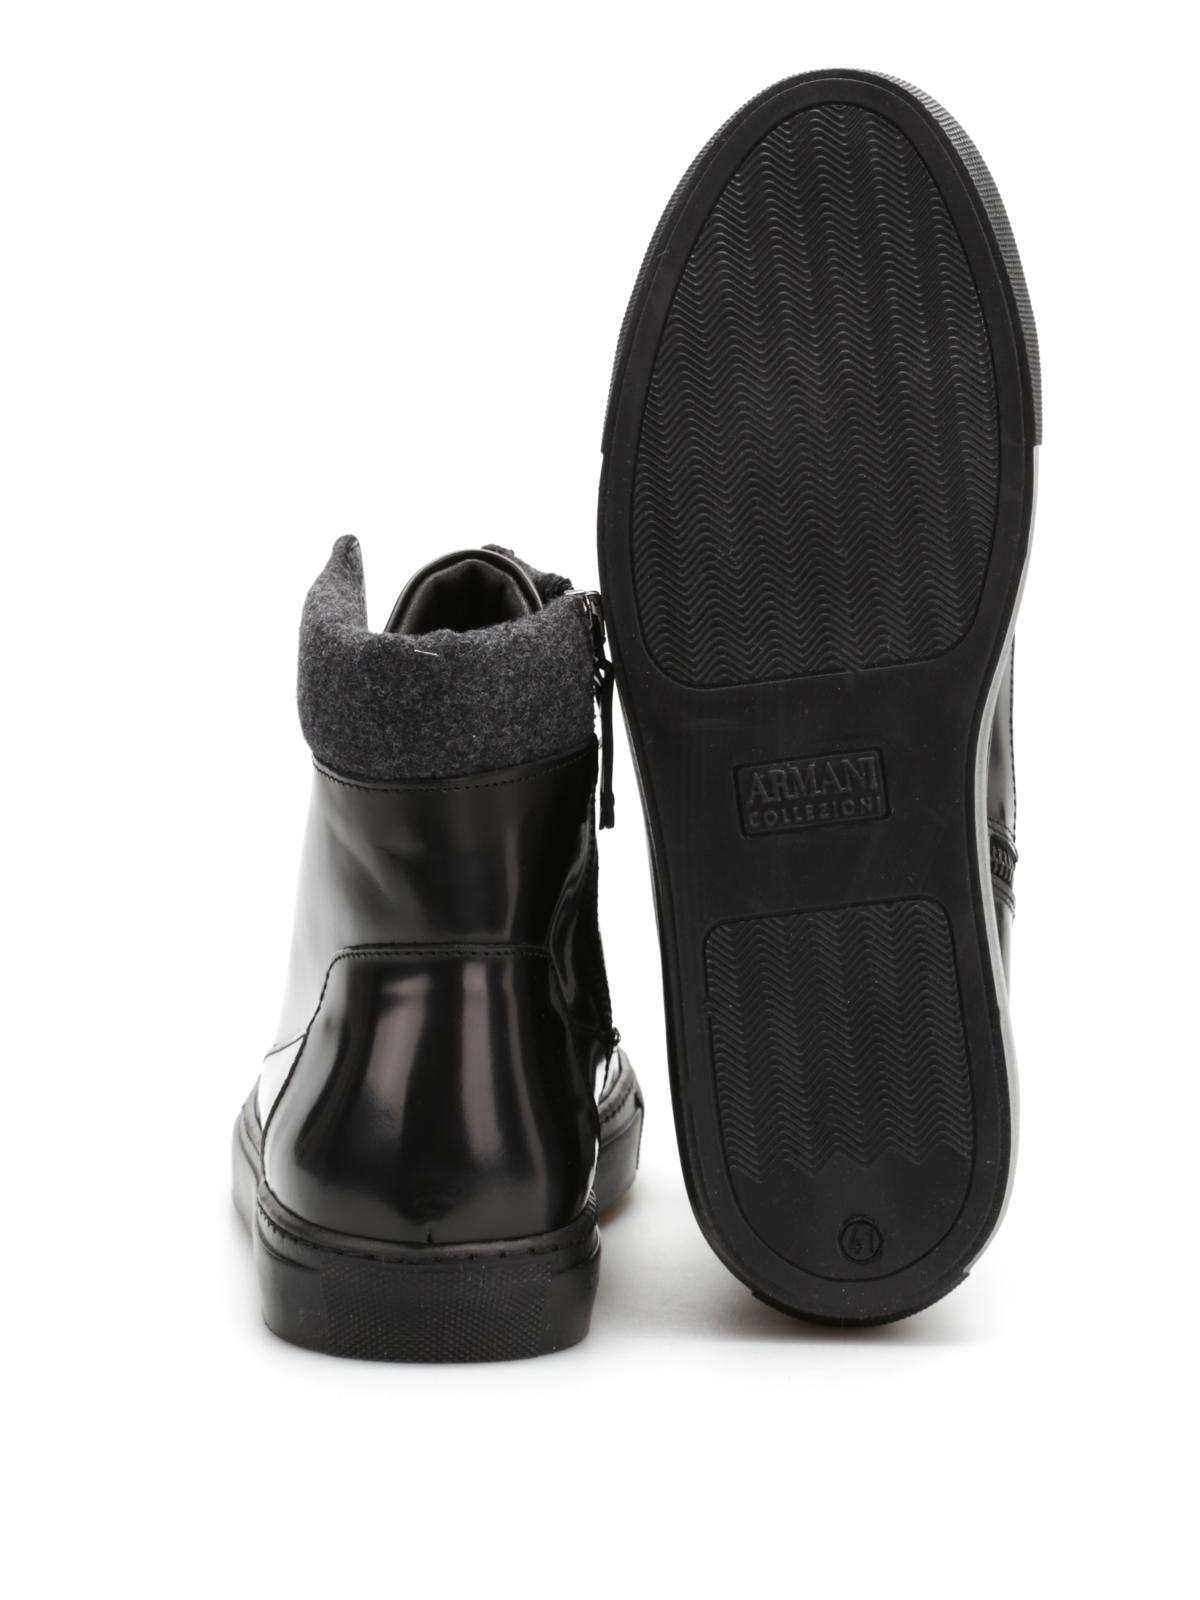 Armani Collezioni - Leather high top